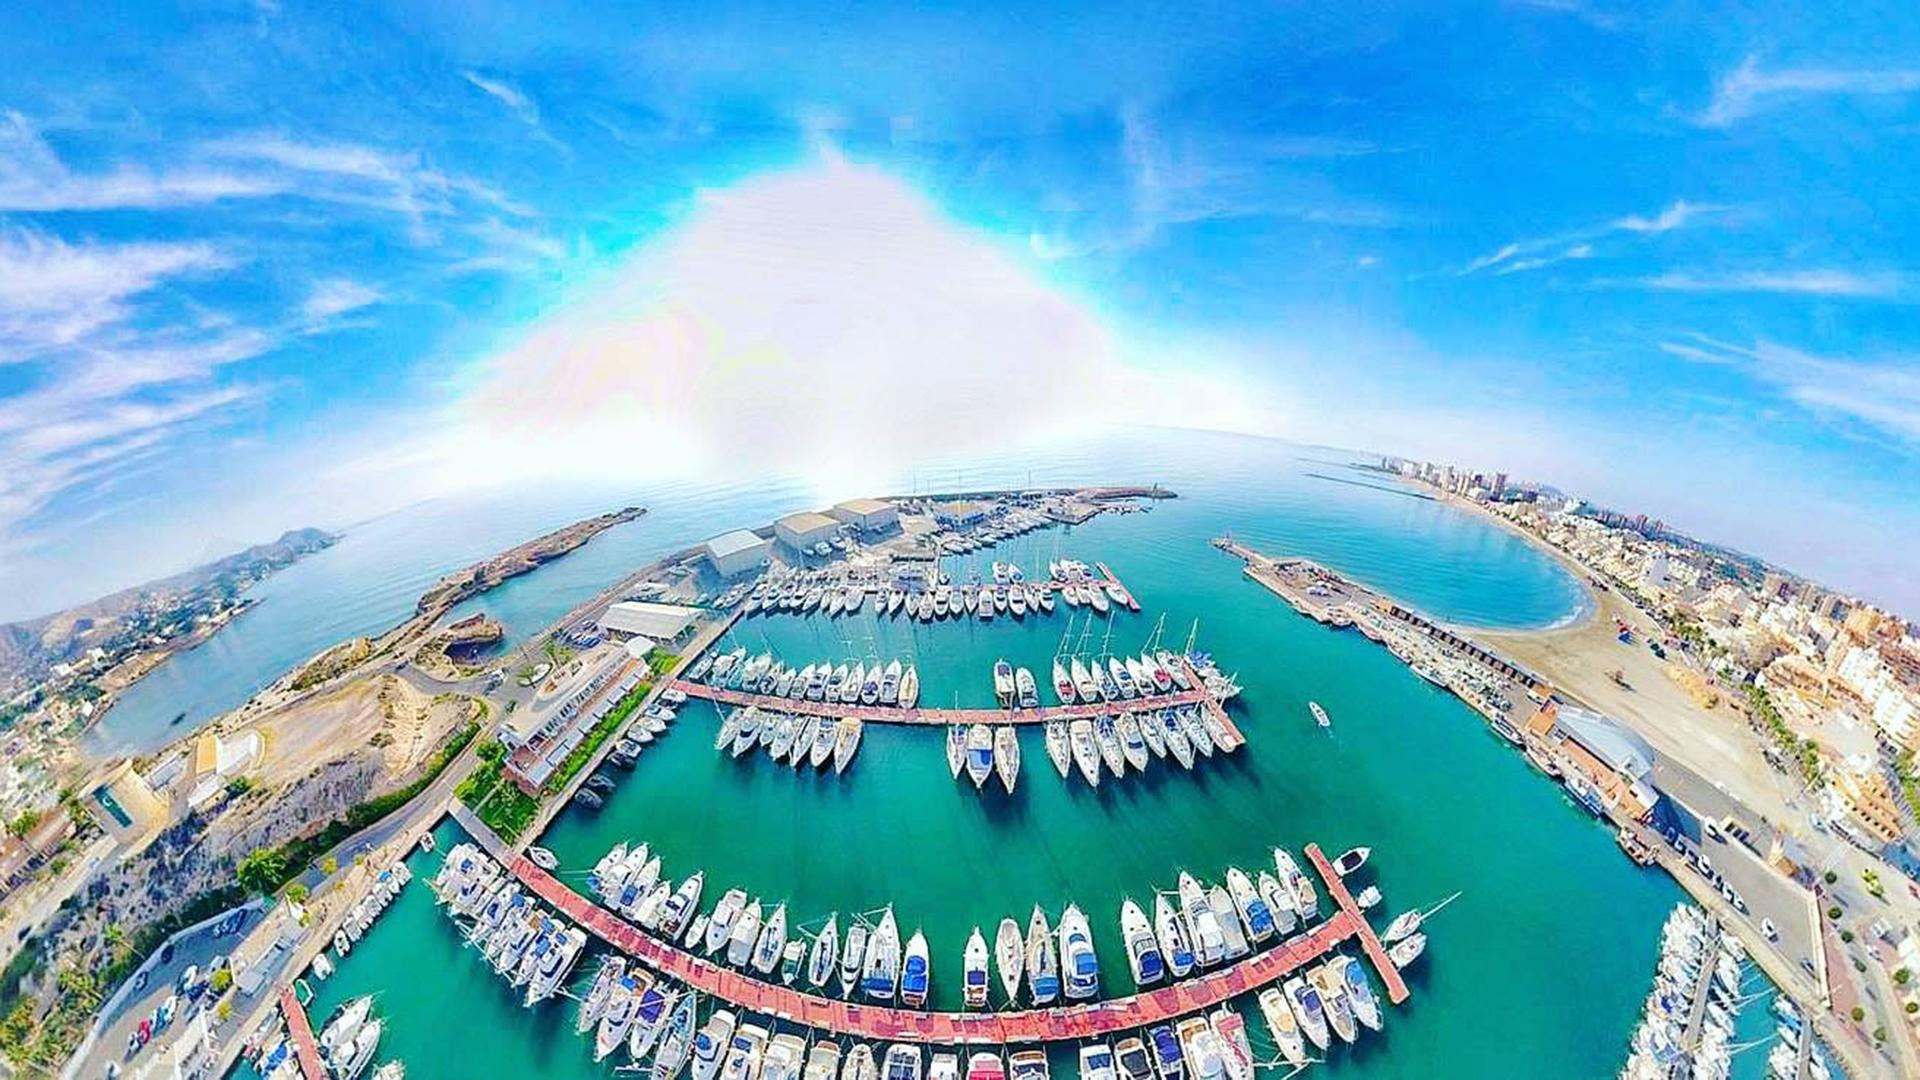 Normativa de Navegación y Seguridad Marítima - Alicante 2019